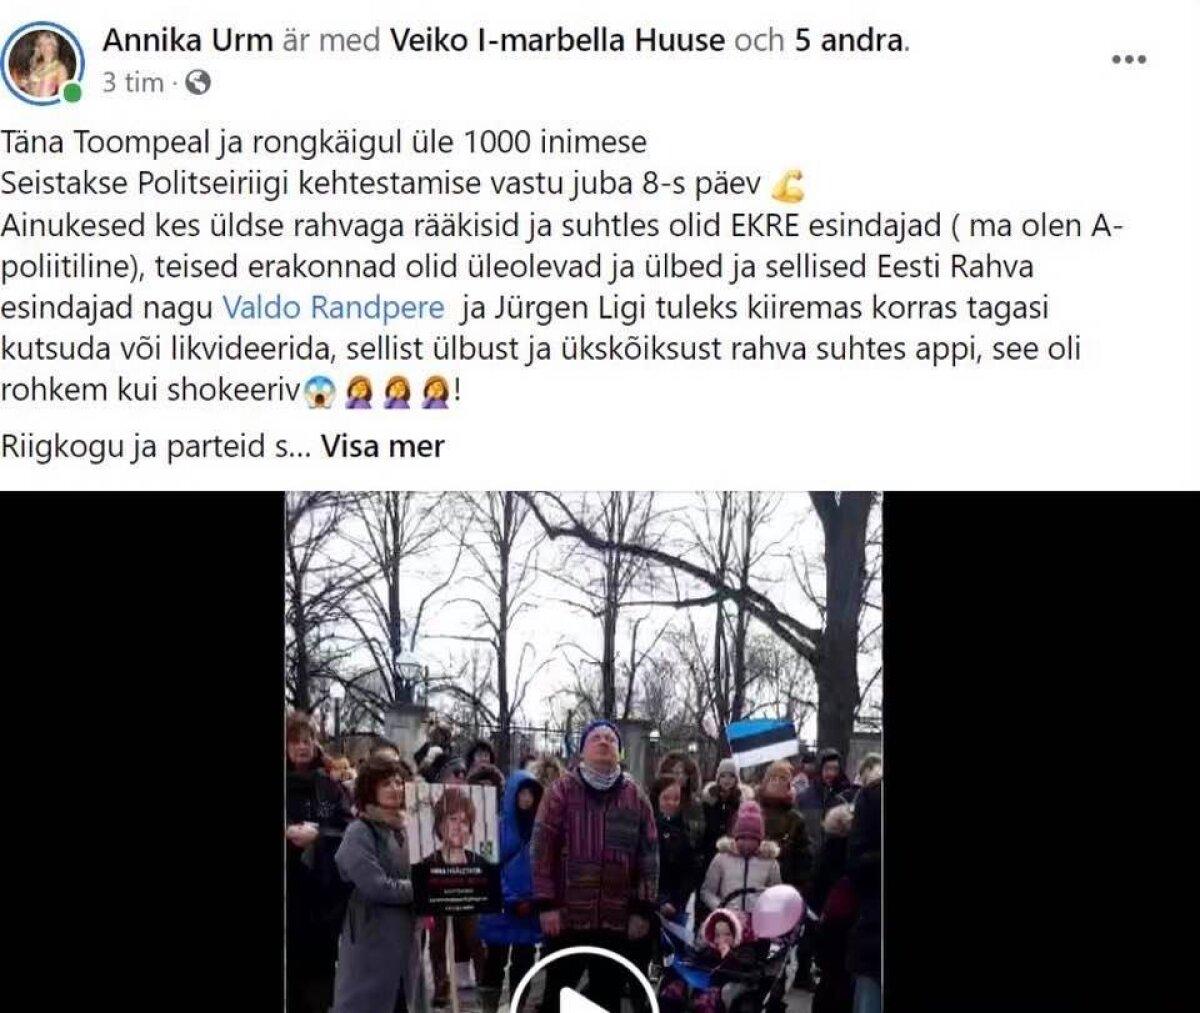 Jürgen Ligi jagas ühismeedias ka kuvatõmmist postitusest, kus protestijad teda  mainisid.